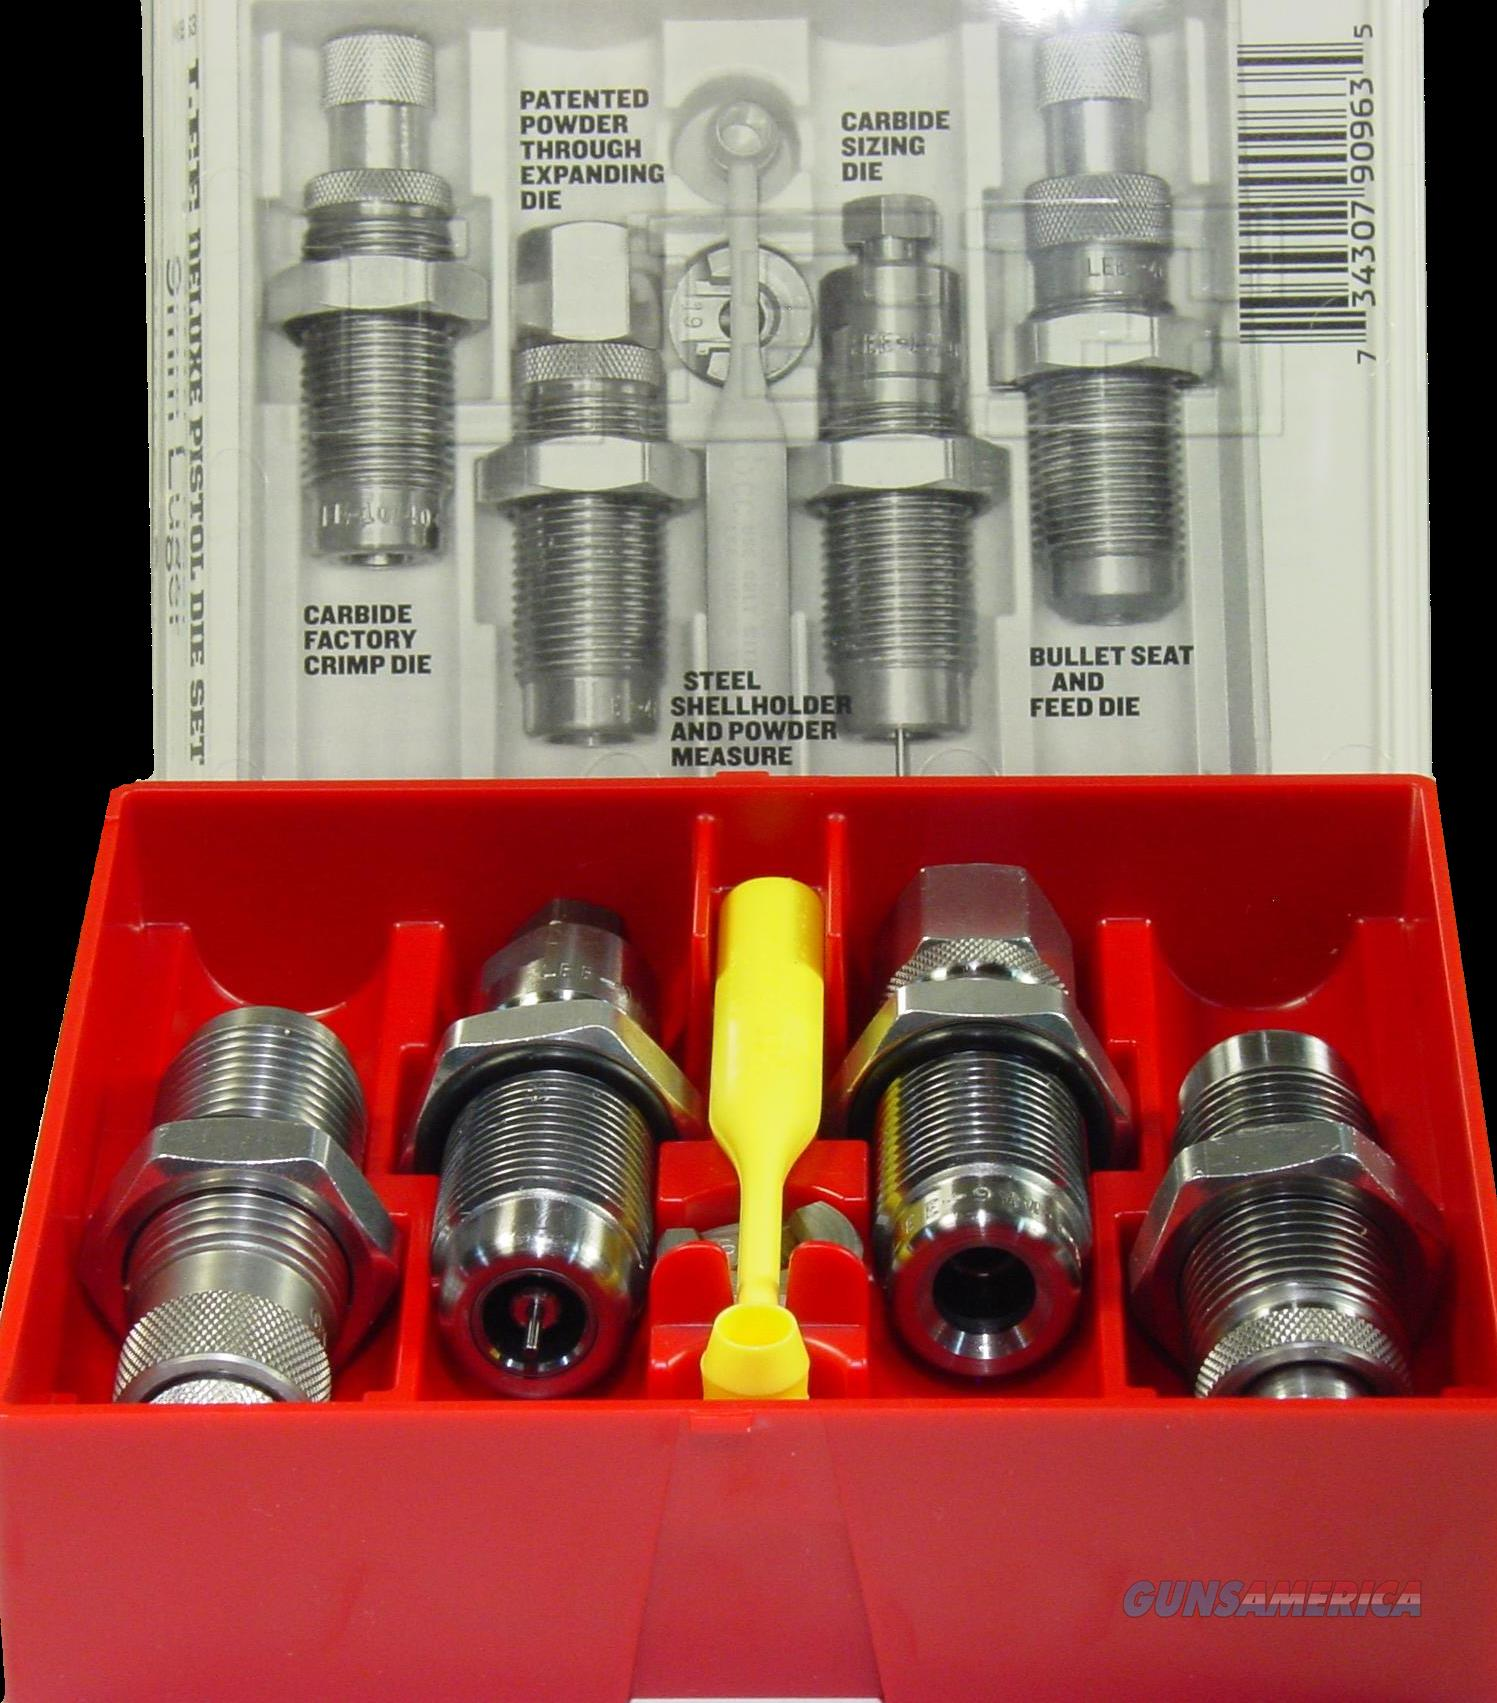 Lee Deluxe, Lee 90965 4 Die Set 40 S&w Carbide  Guns > Pistols > 1911 Pistol Copies (non-Colt)